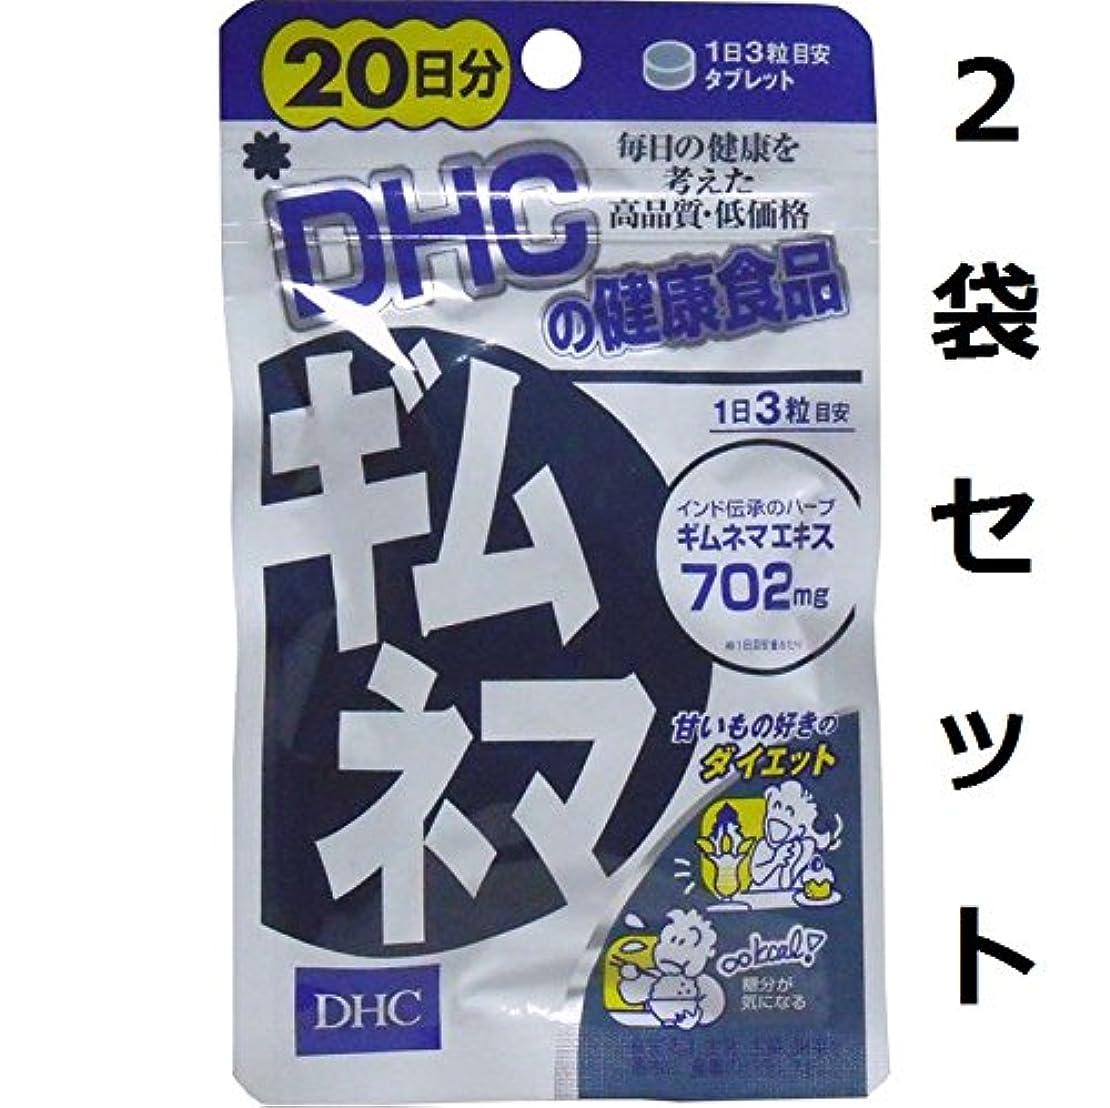 サワーサラミ削除する大好きな「甘いもの」をムダ肉にしない DHC ギムネマ 20日分 60粒 2袋セット